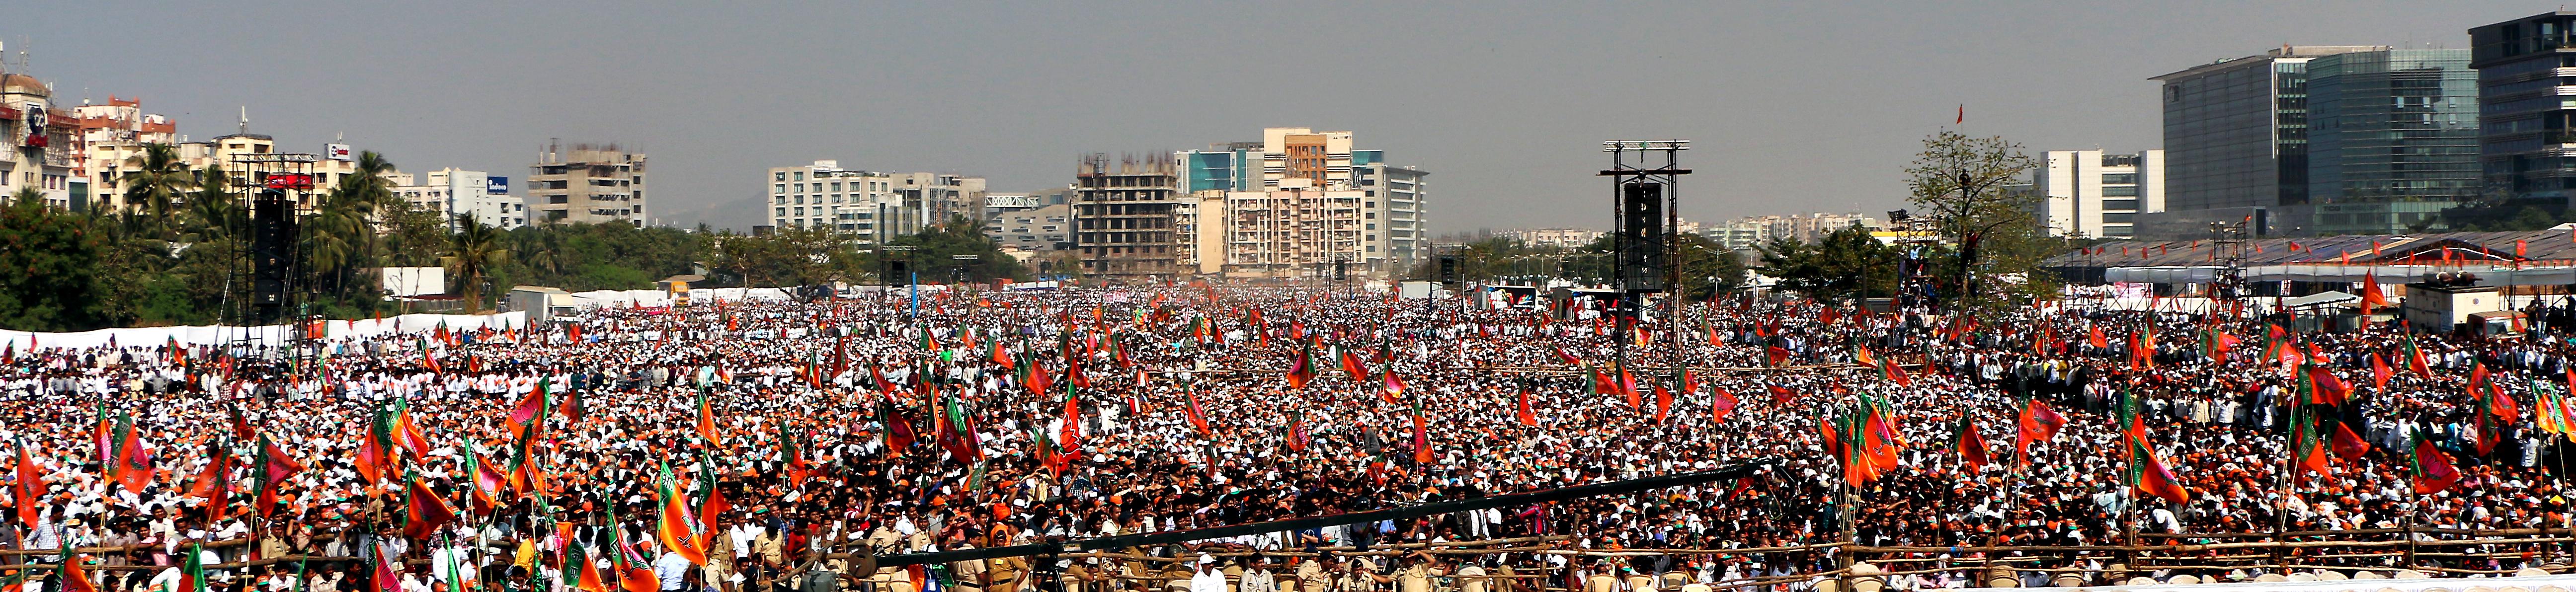 Narendra Modi Maha Garjana rally